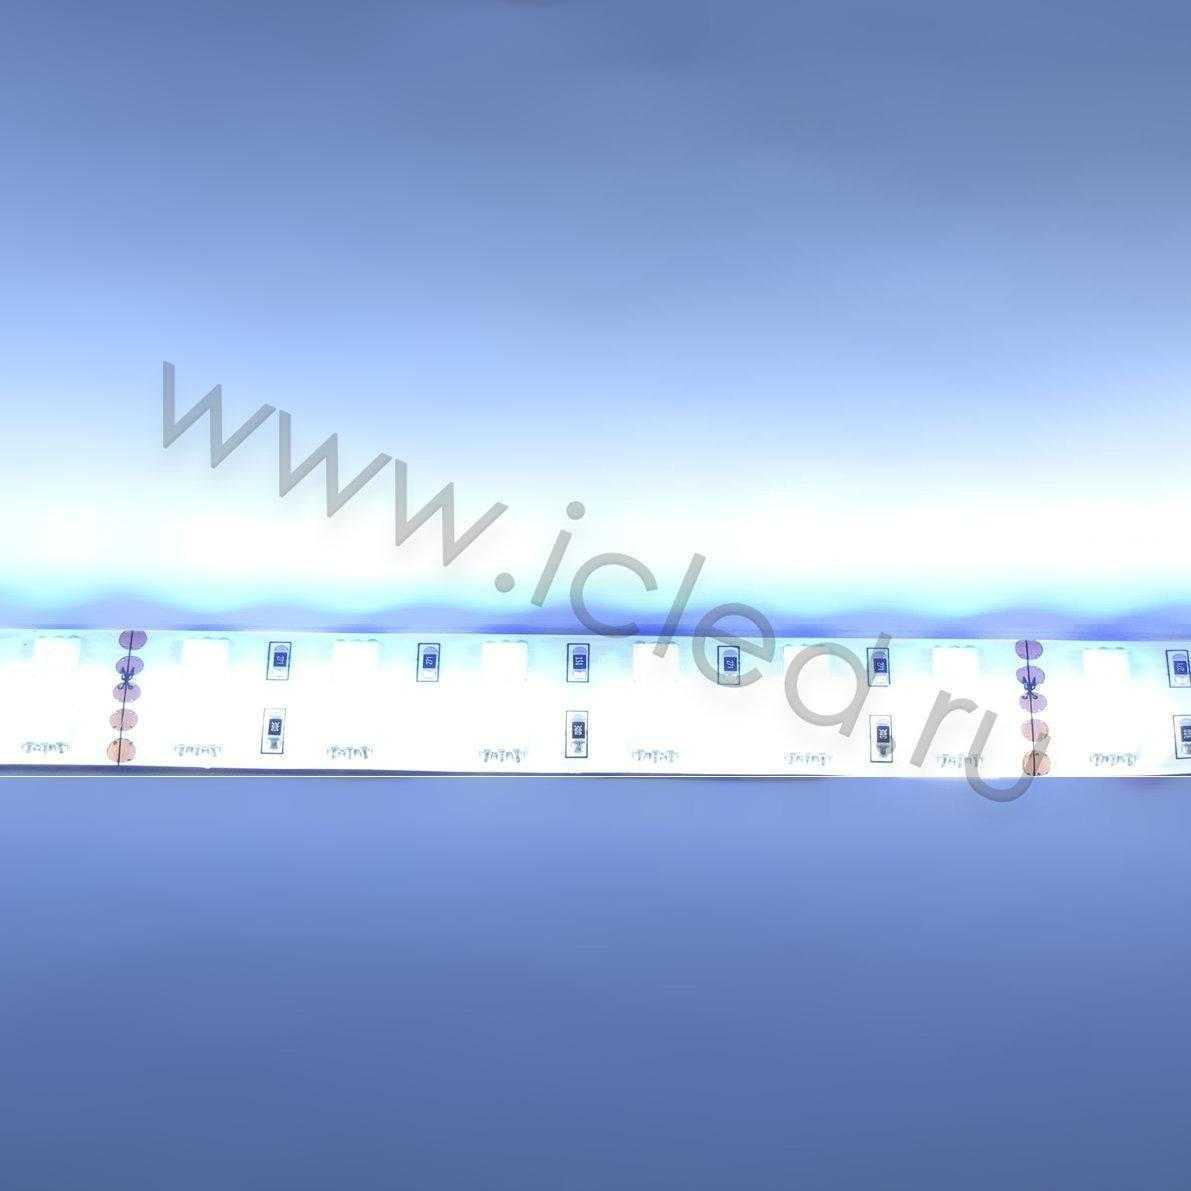 Светодиодная лента Class B, 5050, 120 led/m, RGBW, 24V, IP65